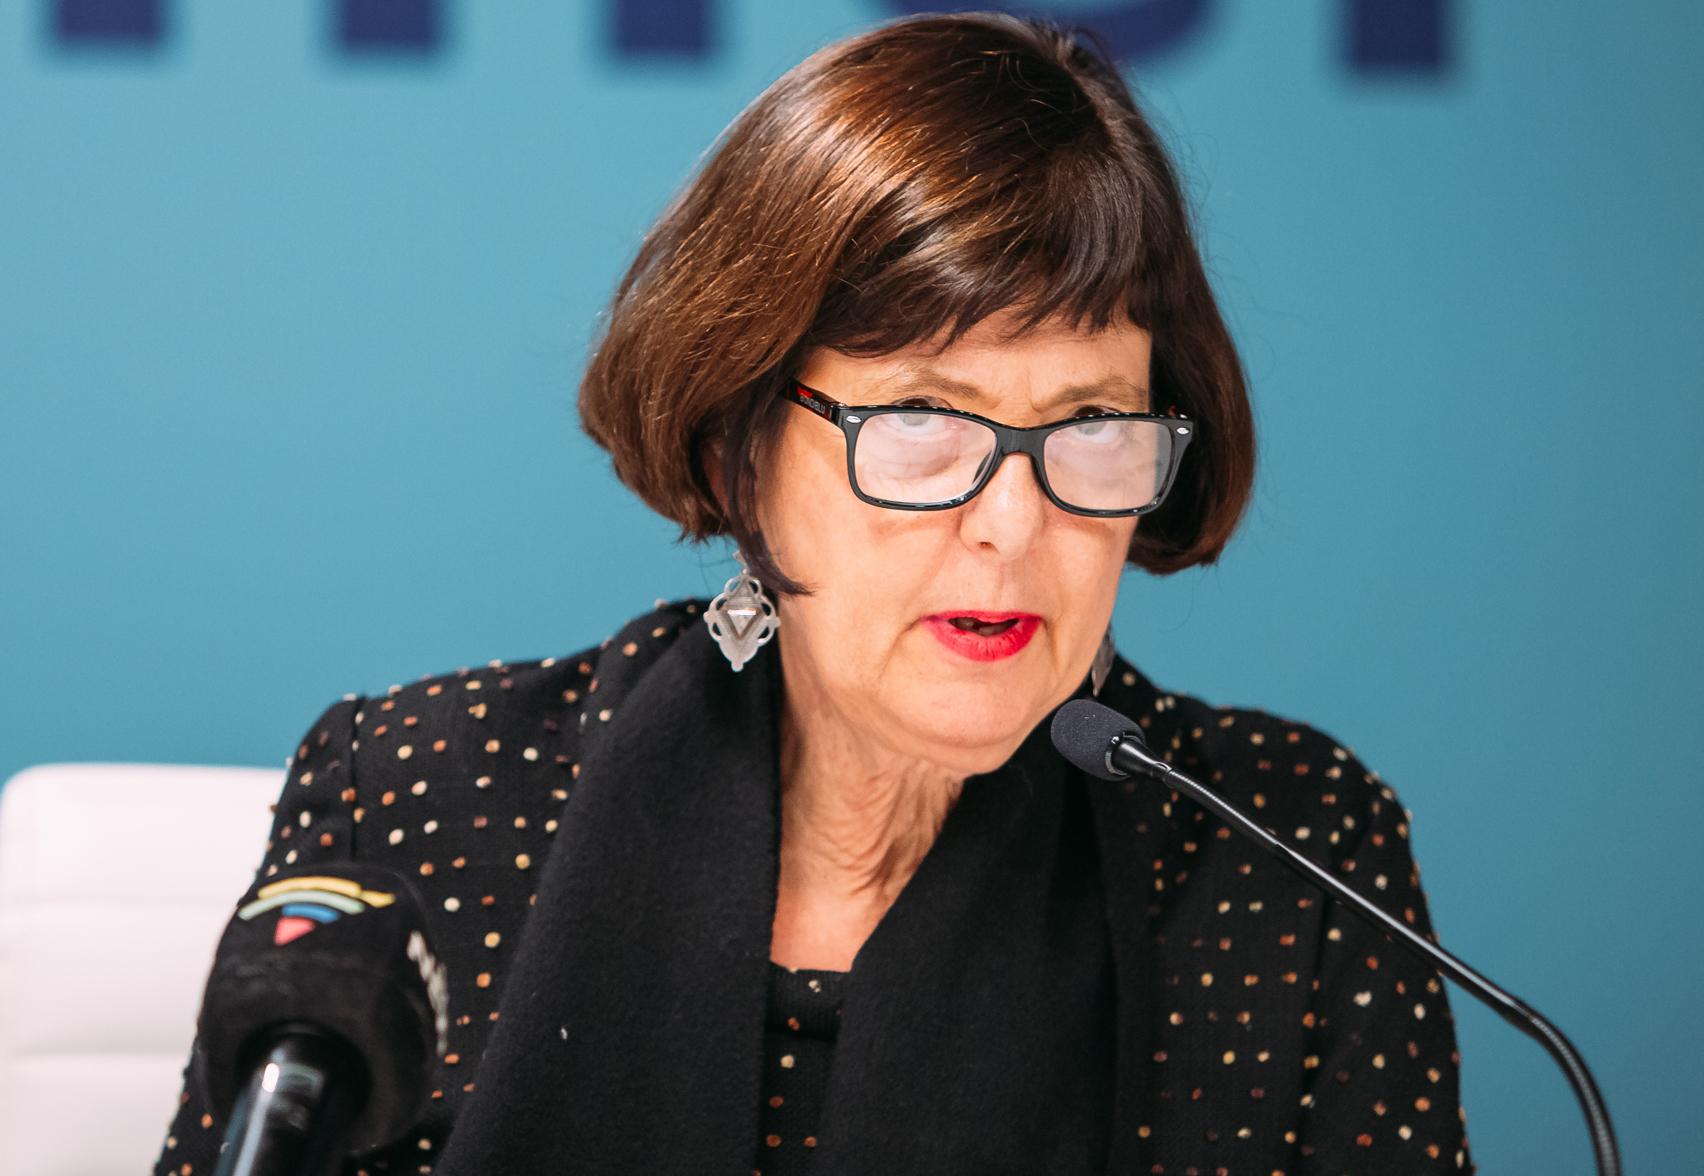 Barbara Creecy